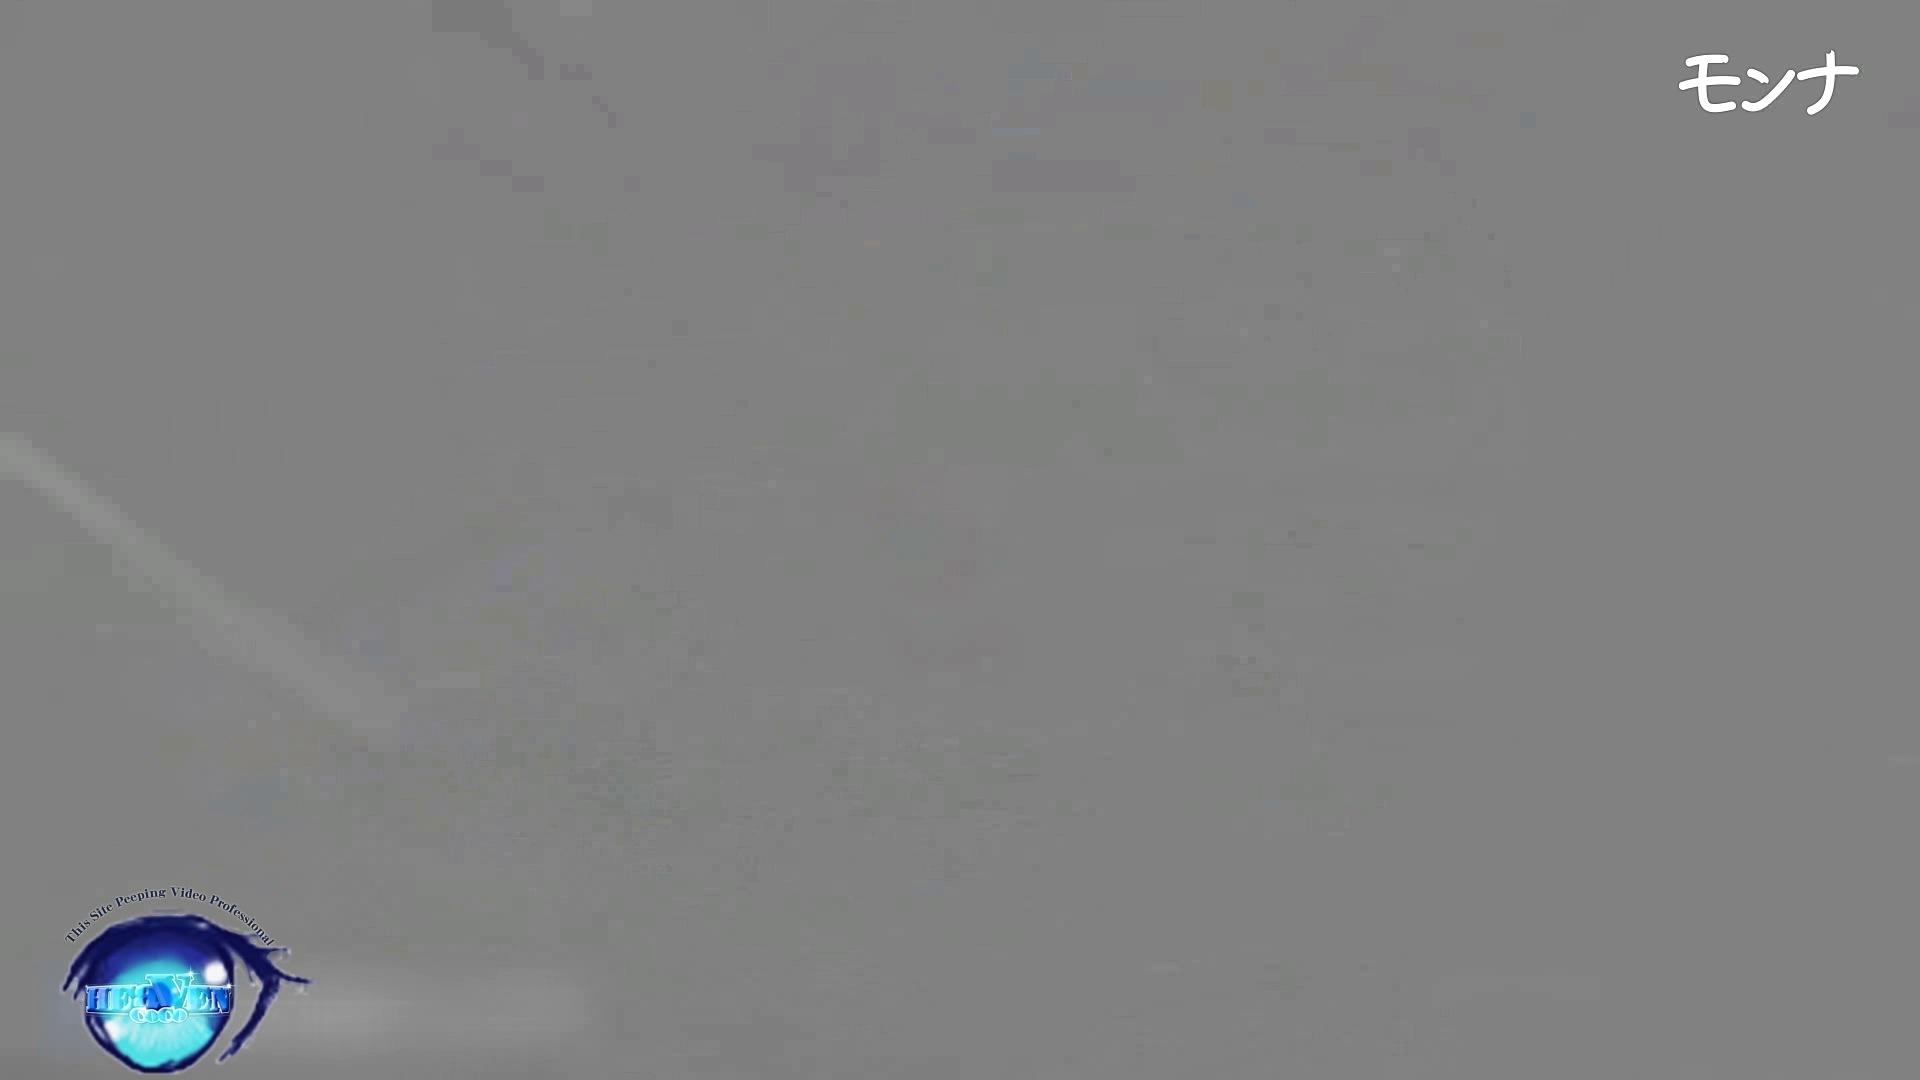 【美しい日本の未来】美しい日本の未来 No.82たまらない丸み、今度またハプニング起きる おまんこ無修正  85画像 70